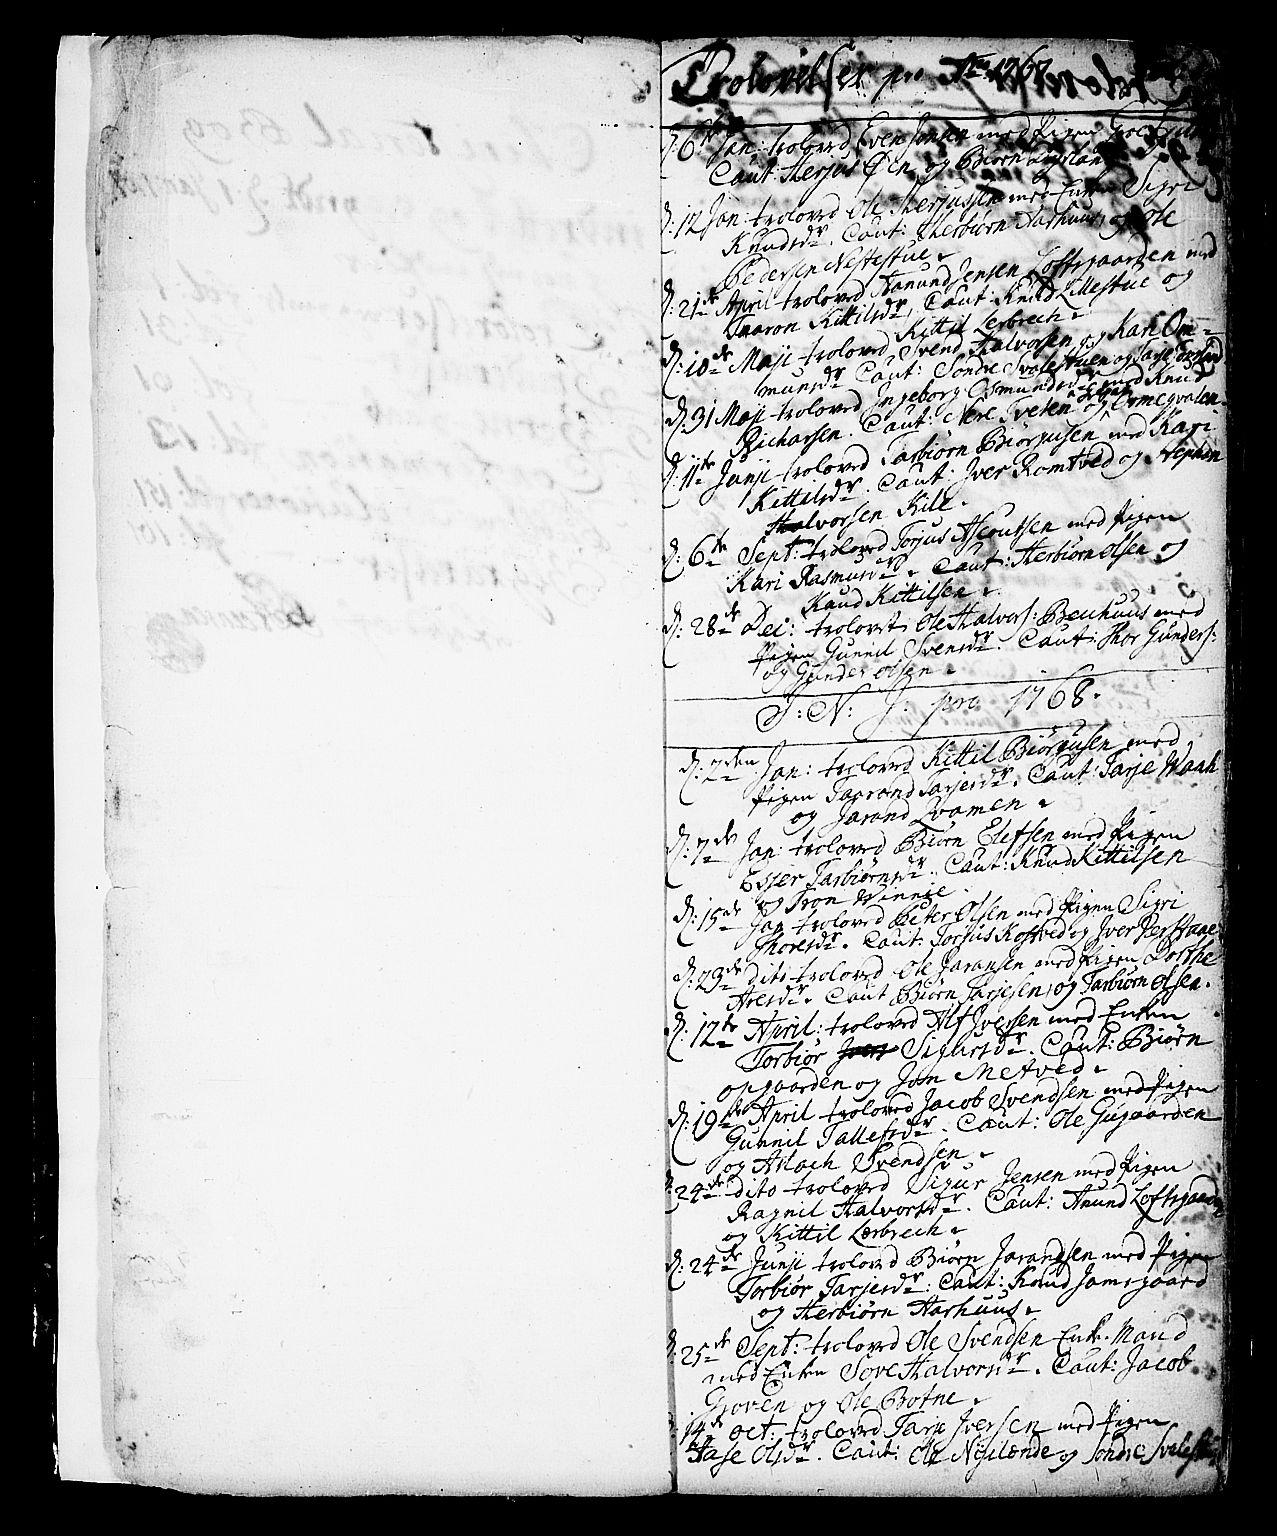 SAKO, Vinje kirkebøker, F/Fa/L0002: Ministerialbok nr. I 2, 1767-1814, s. 1